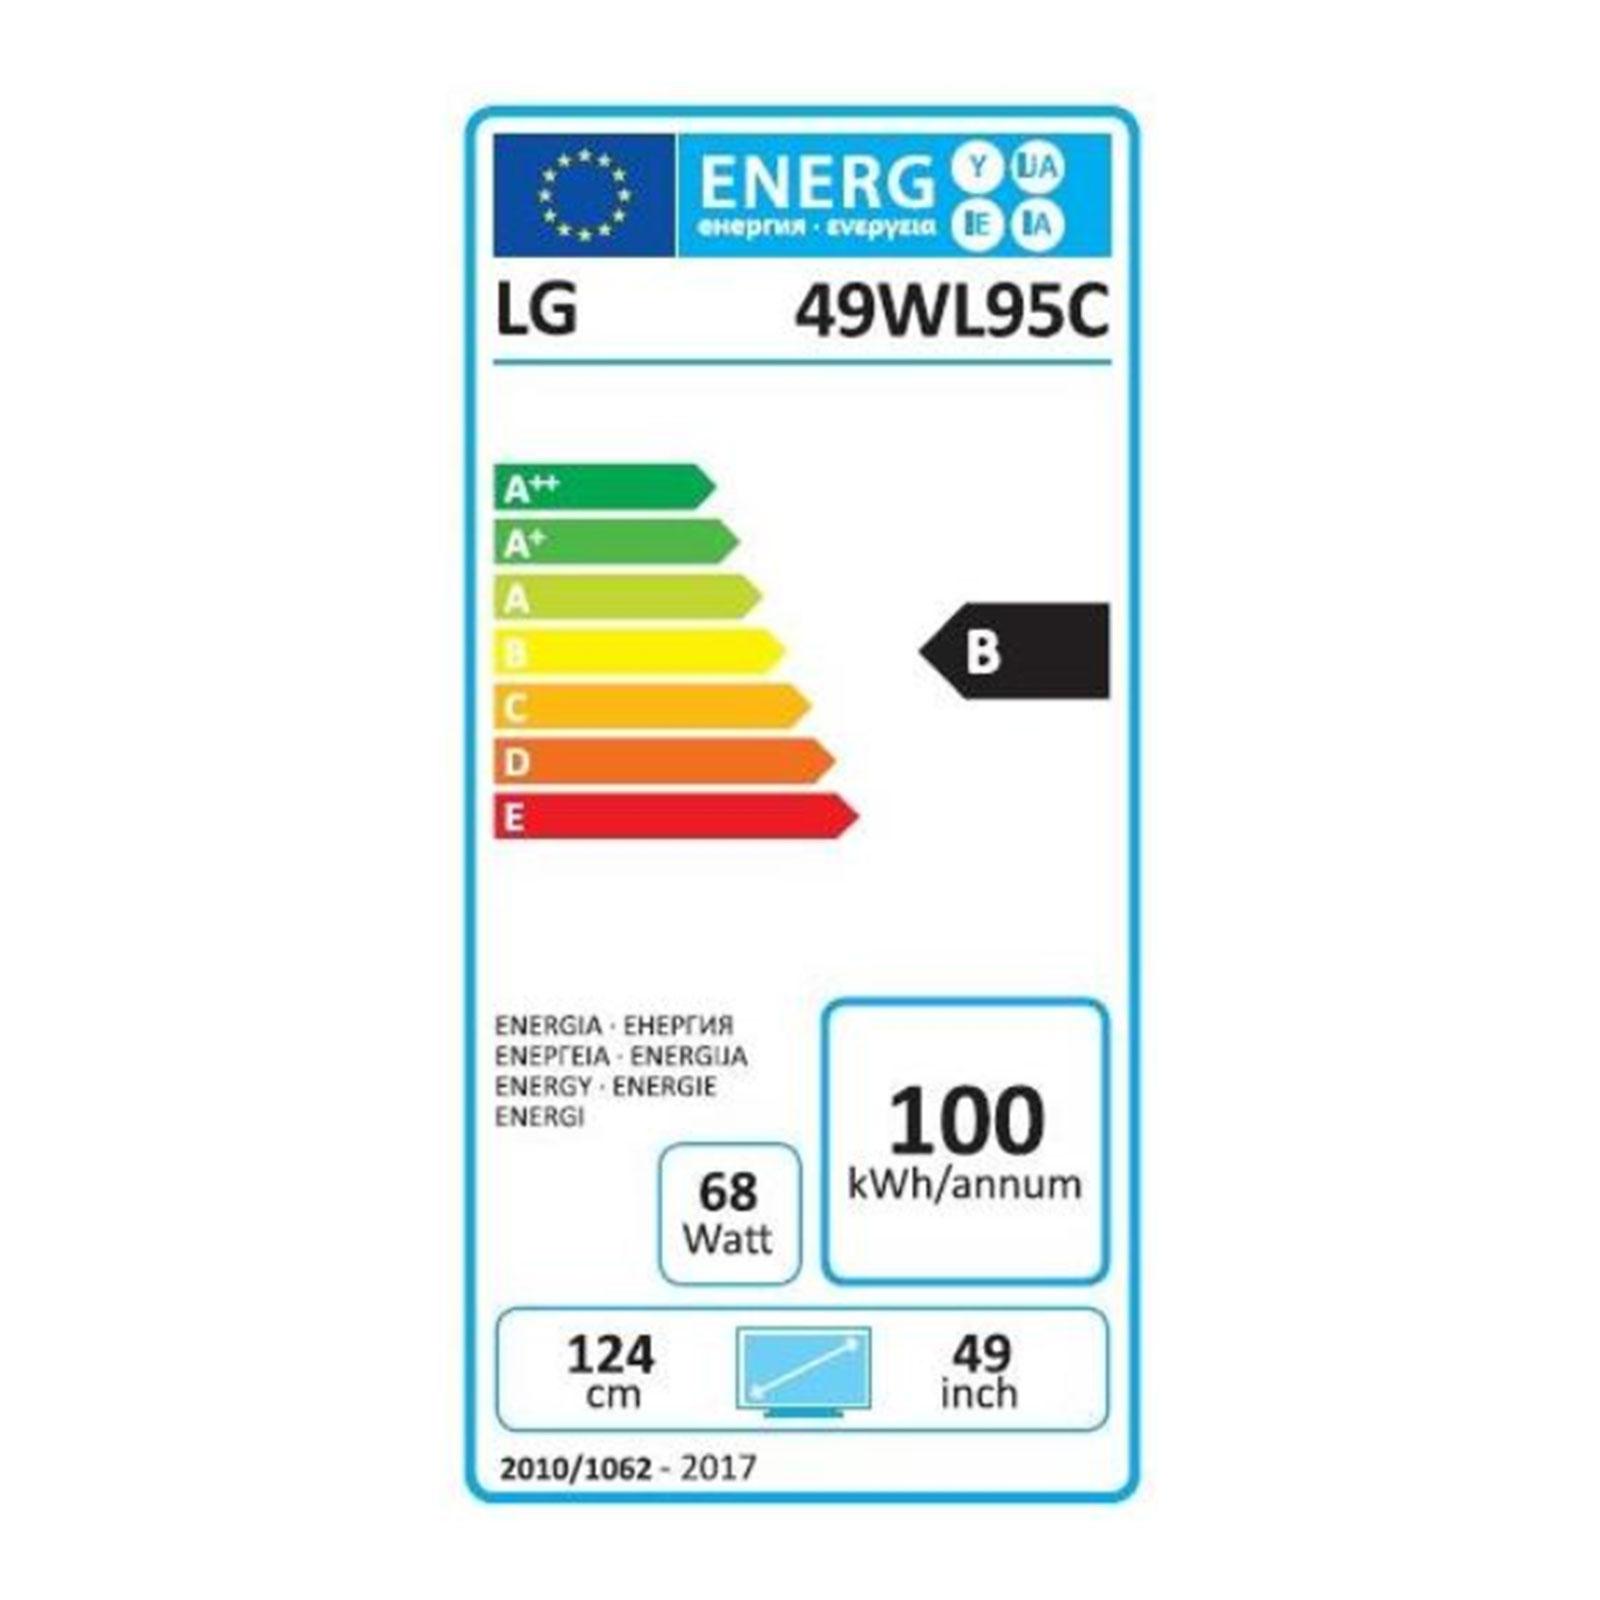 LG 49WL95C-W / Dual QHD 5120x1440 / 32:9 / 5 MS / 2 x HDMI / Didplay Port /  HDR10 / Lautsprecher